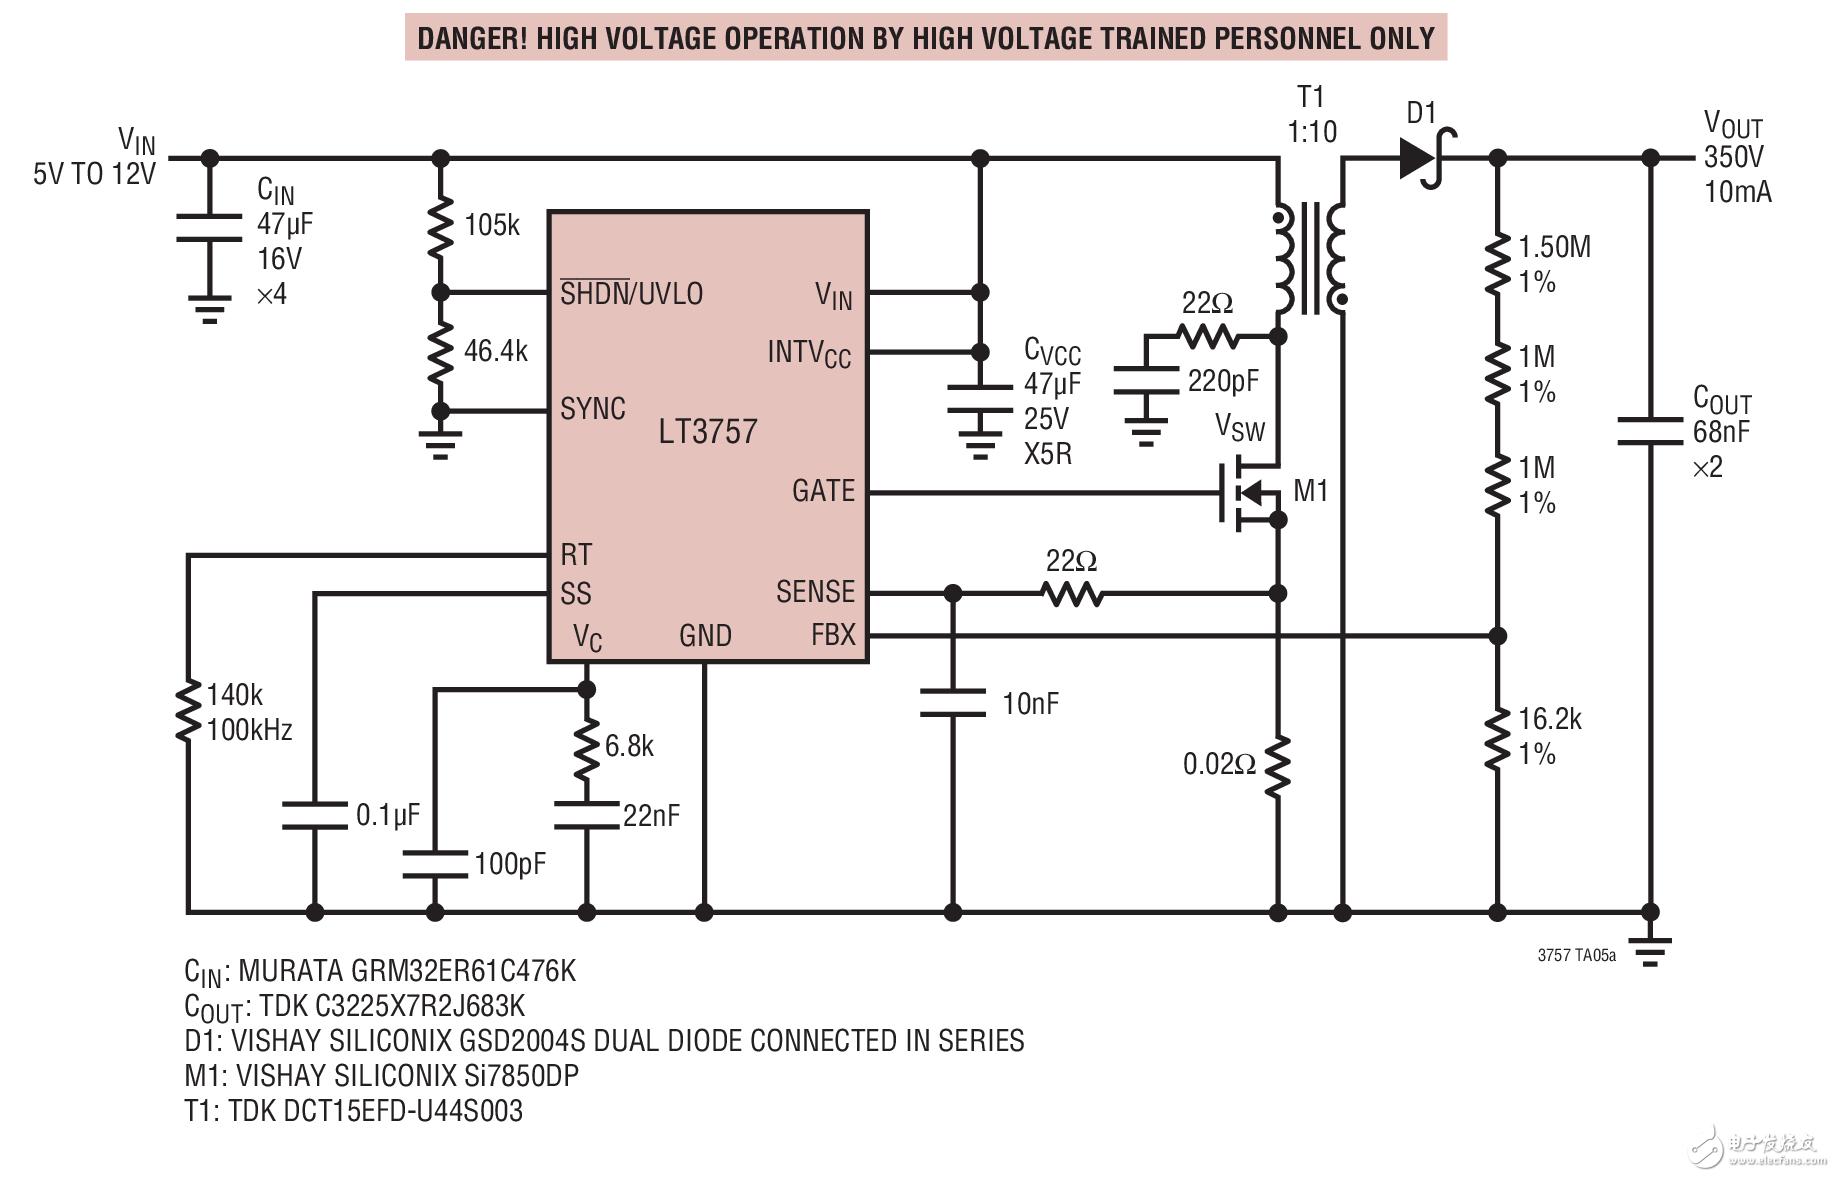 该电路是凌力尔特公司提供的解决方案,该电路的做用是9v升压至350v,10